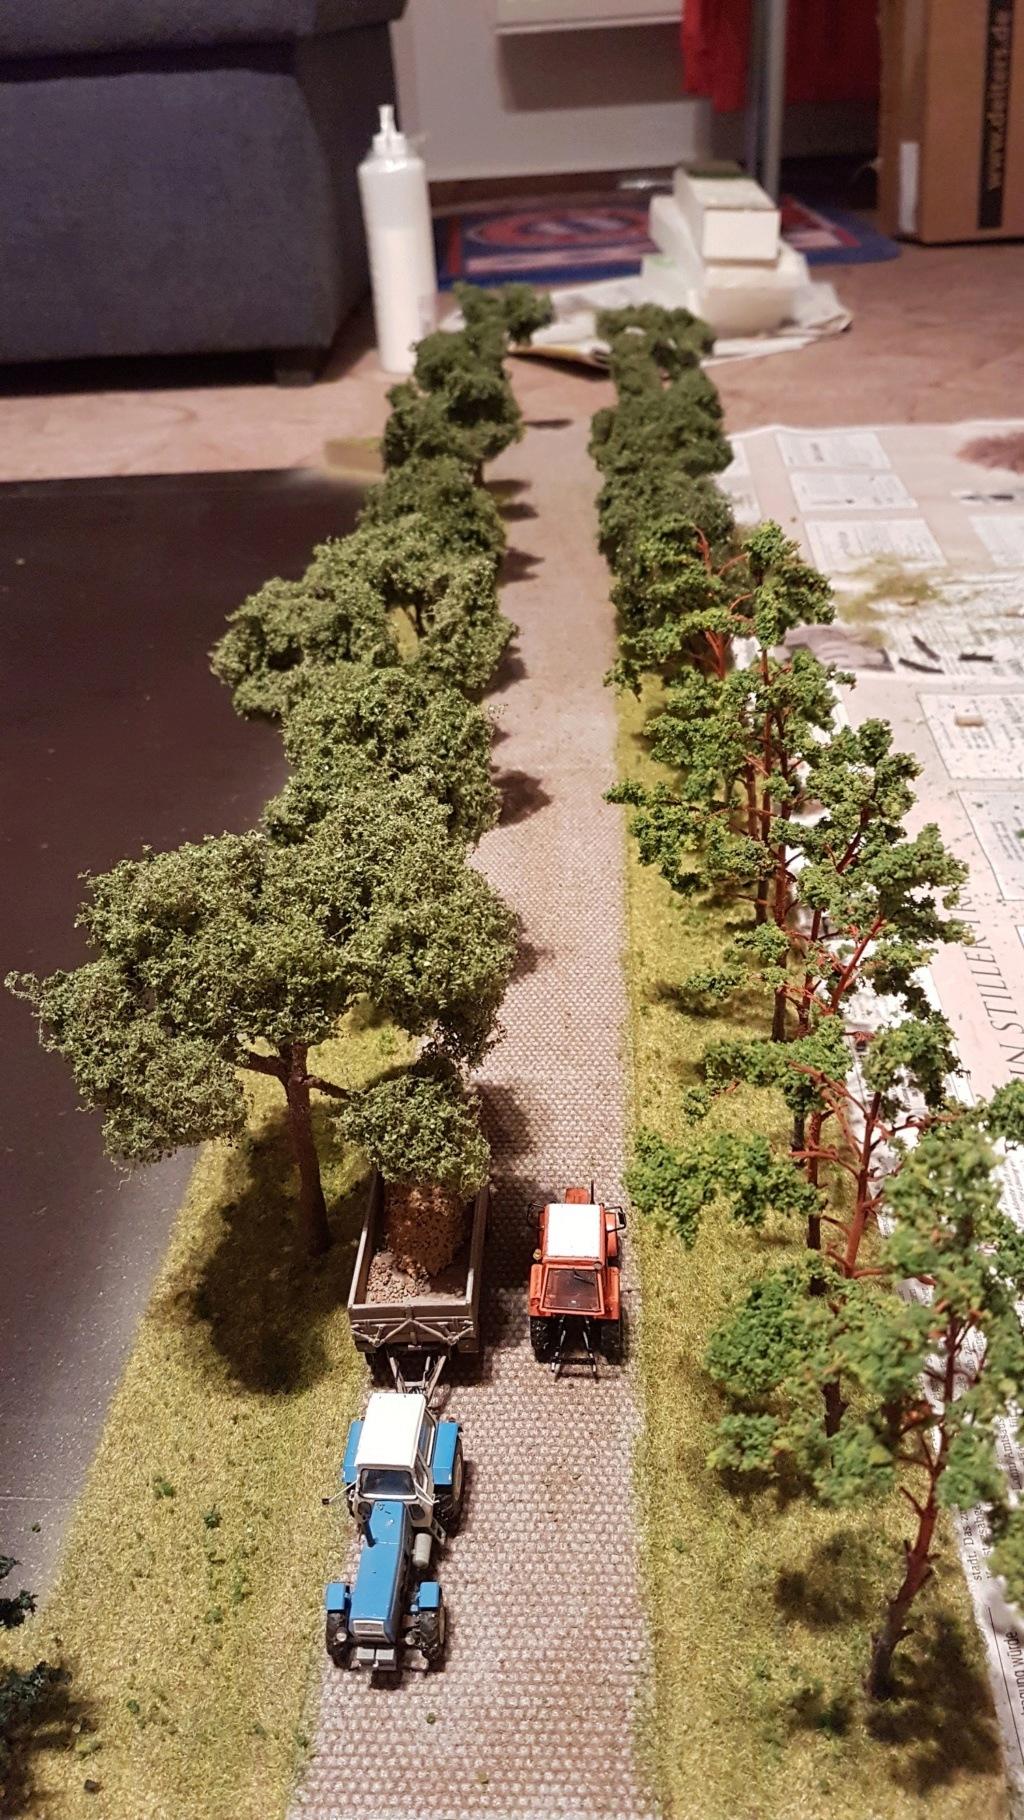 Bau von einem Wechseldio (DDR Landwirtschaft) D214